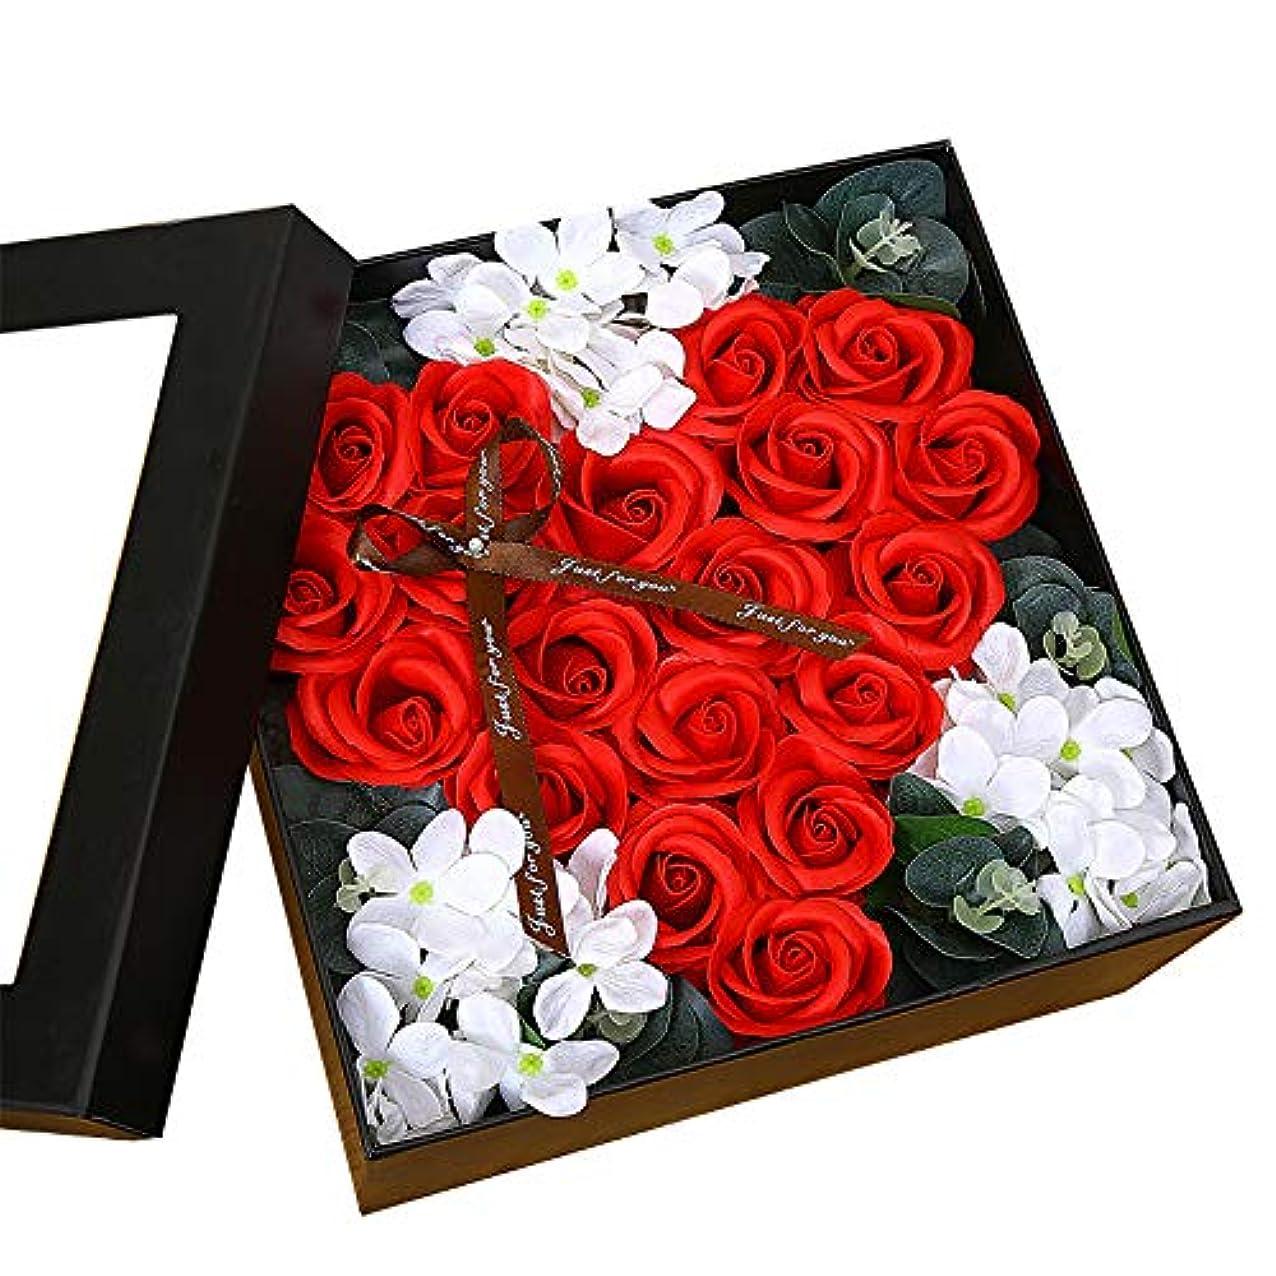 シネマサージそして生地と花石鹸の花 ギフトソープフラワーローズフラワーバレンタインデーのために不可欠ガールフレンド記念日誕生日母の日 (色 : Red square box)